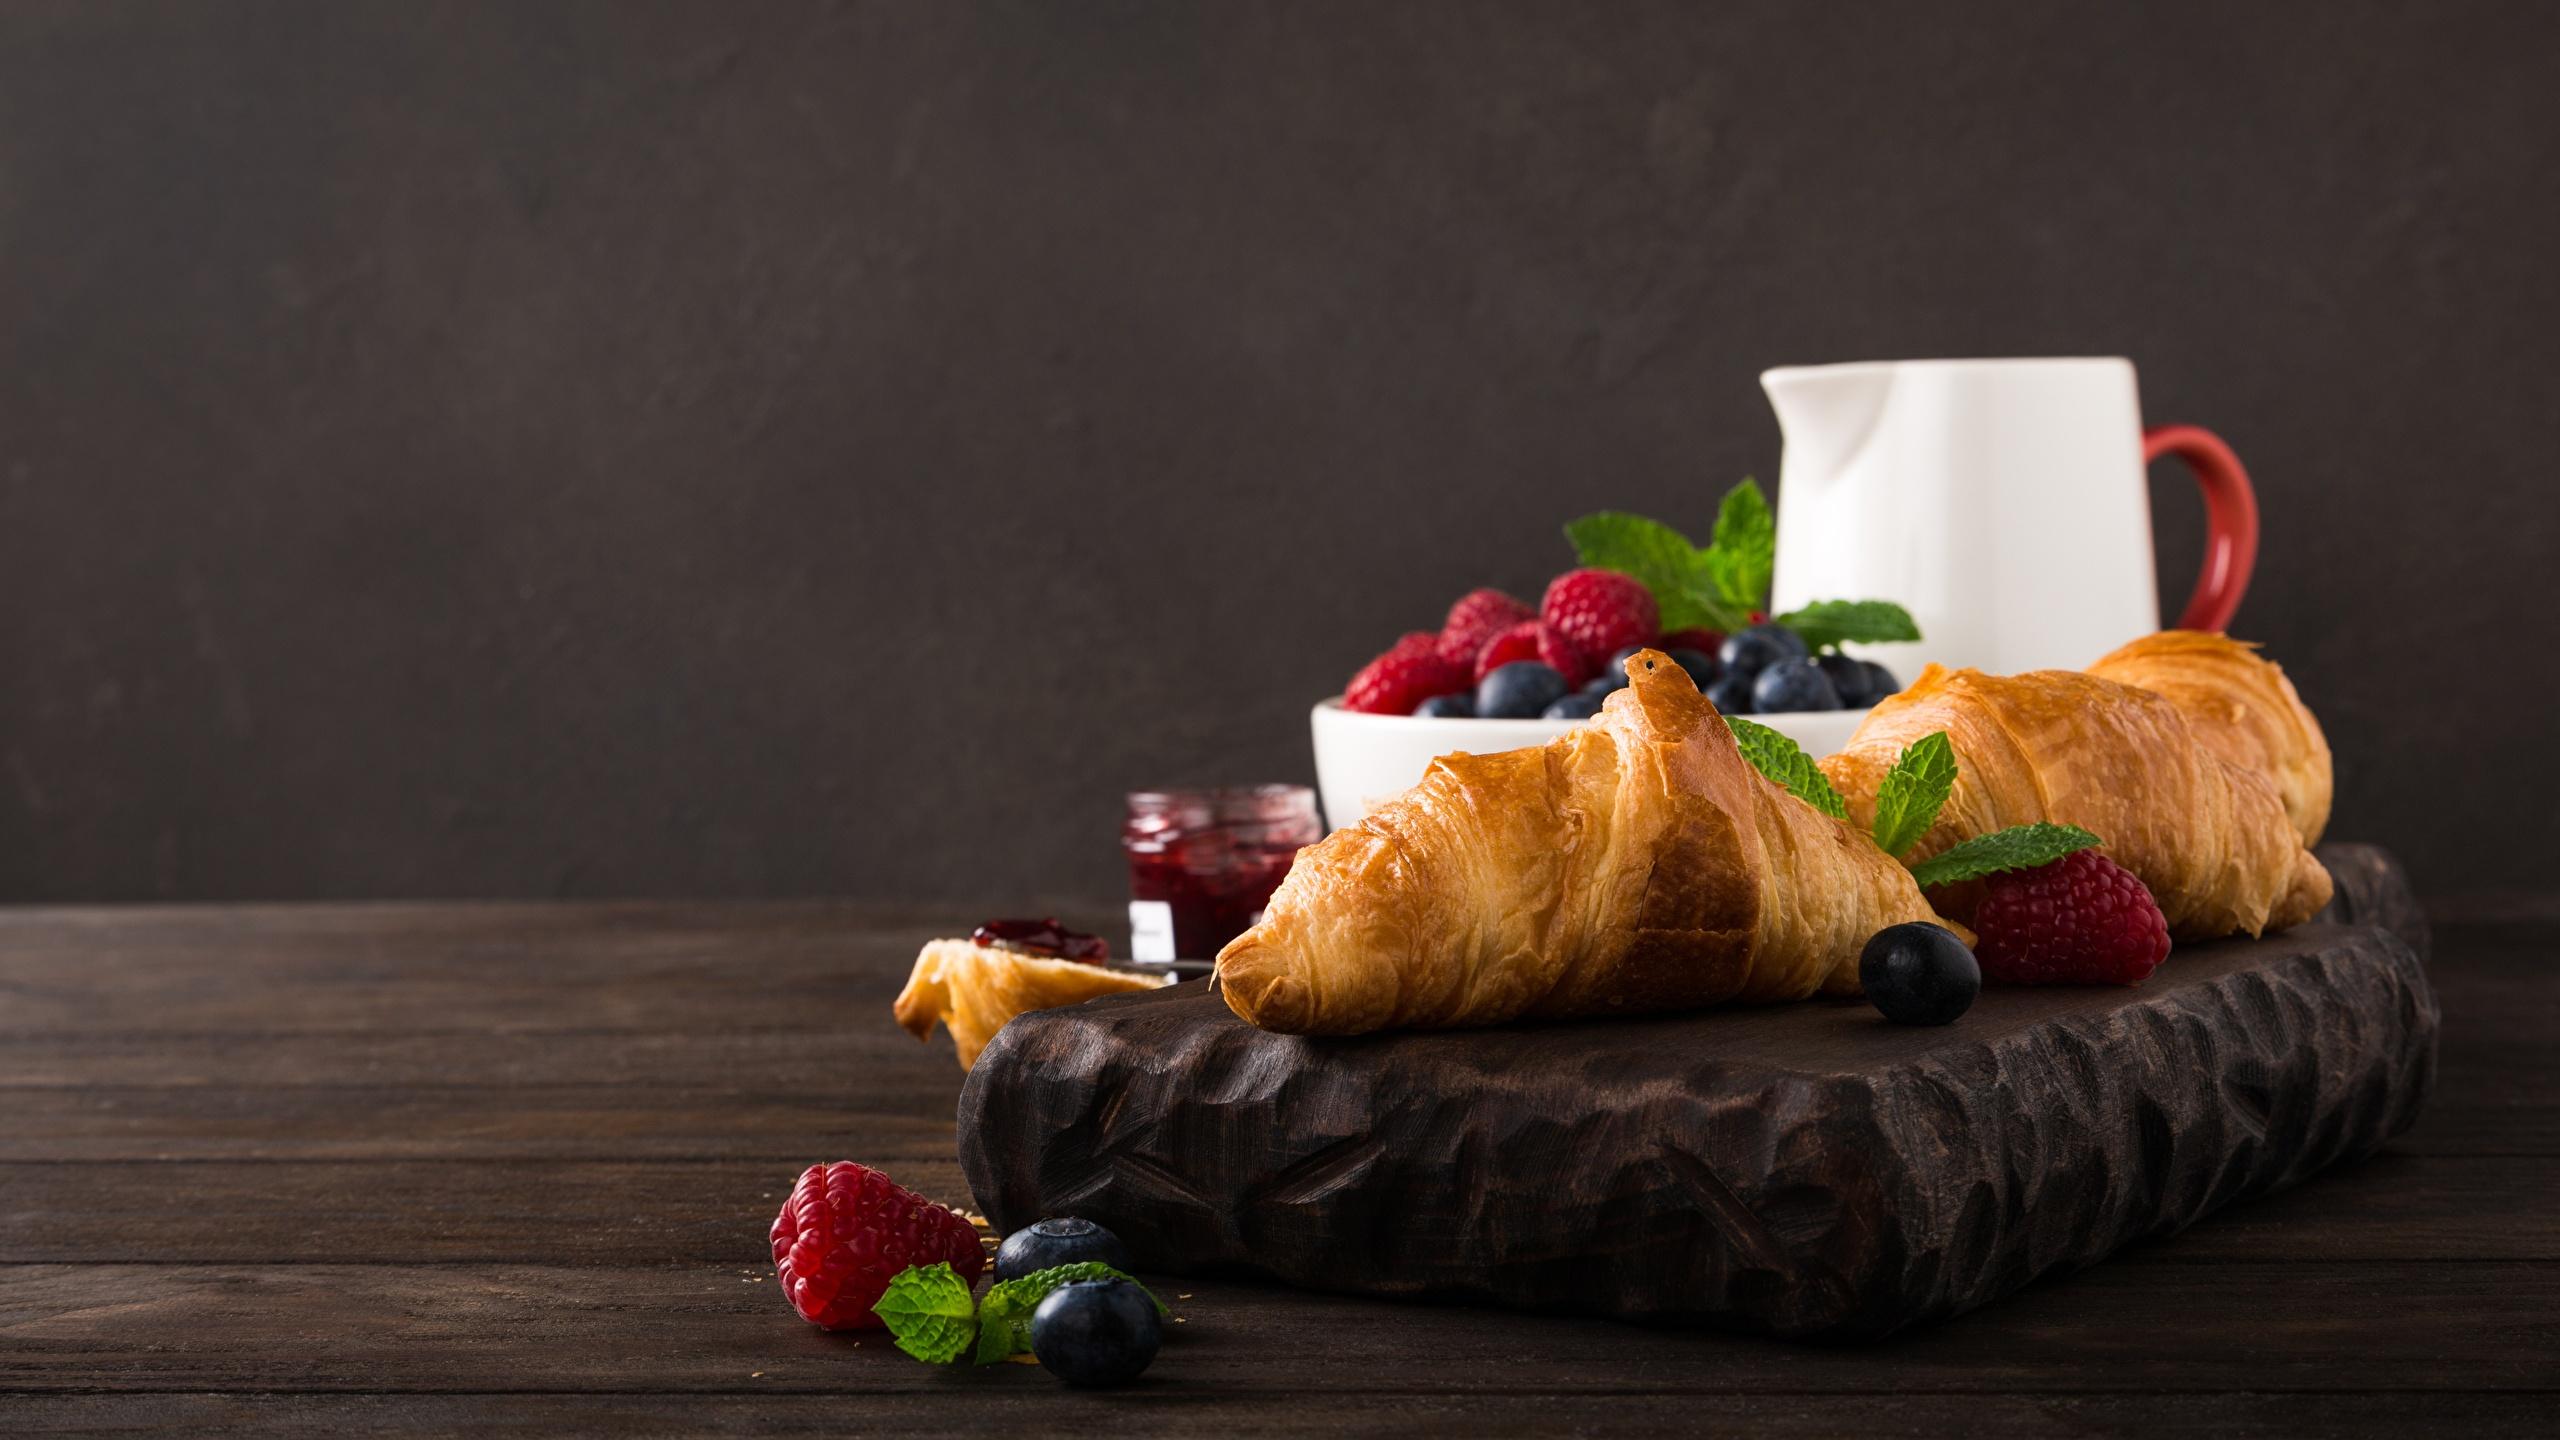 Фотография Завтрак Круассан Малина Еда Ягоды 2560x1440 Пища Продукты питания